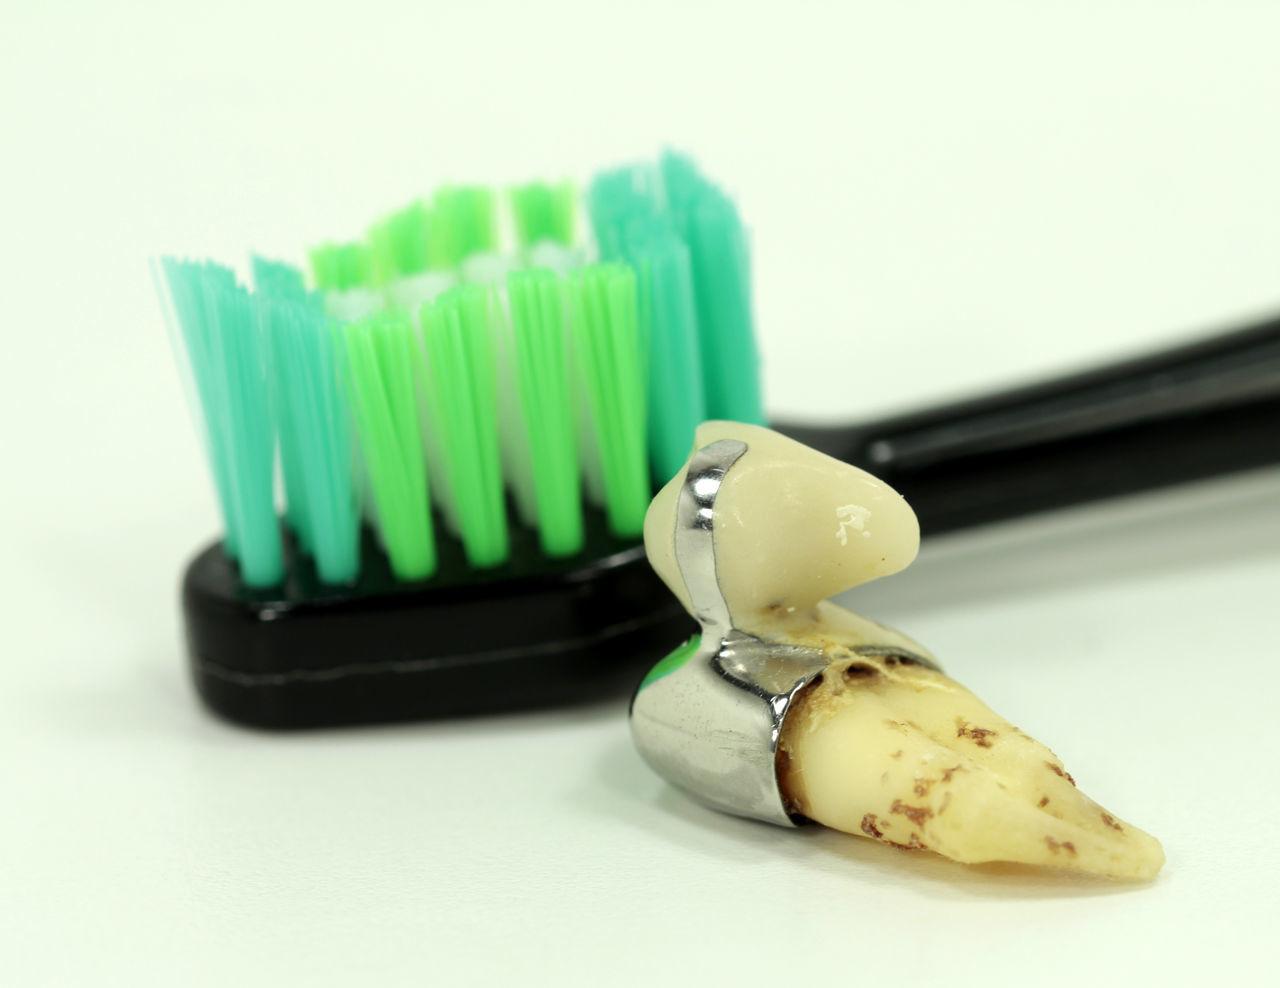 Brushing My Teeth Brücke Close-up Dental Gebiss Gebiss Green Color Hygiene Krone No People Teeth Zahn Zahnbürste Zahnbürste Zahnprotese